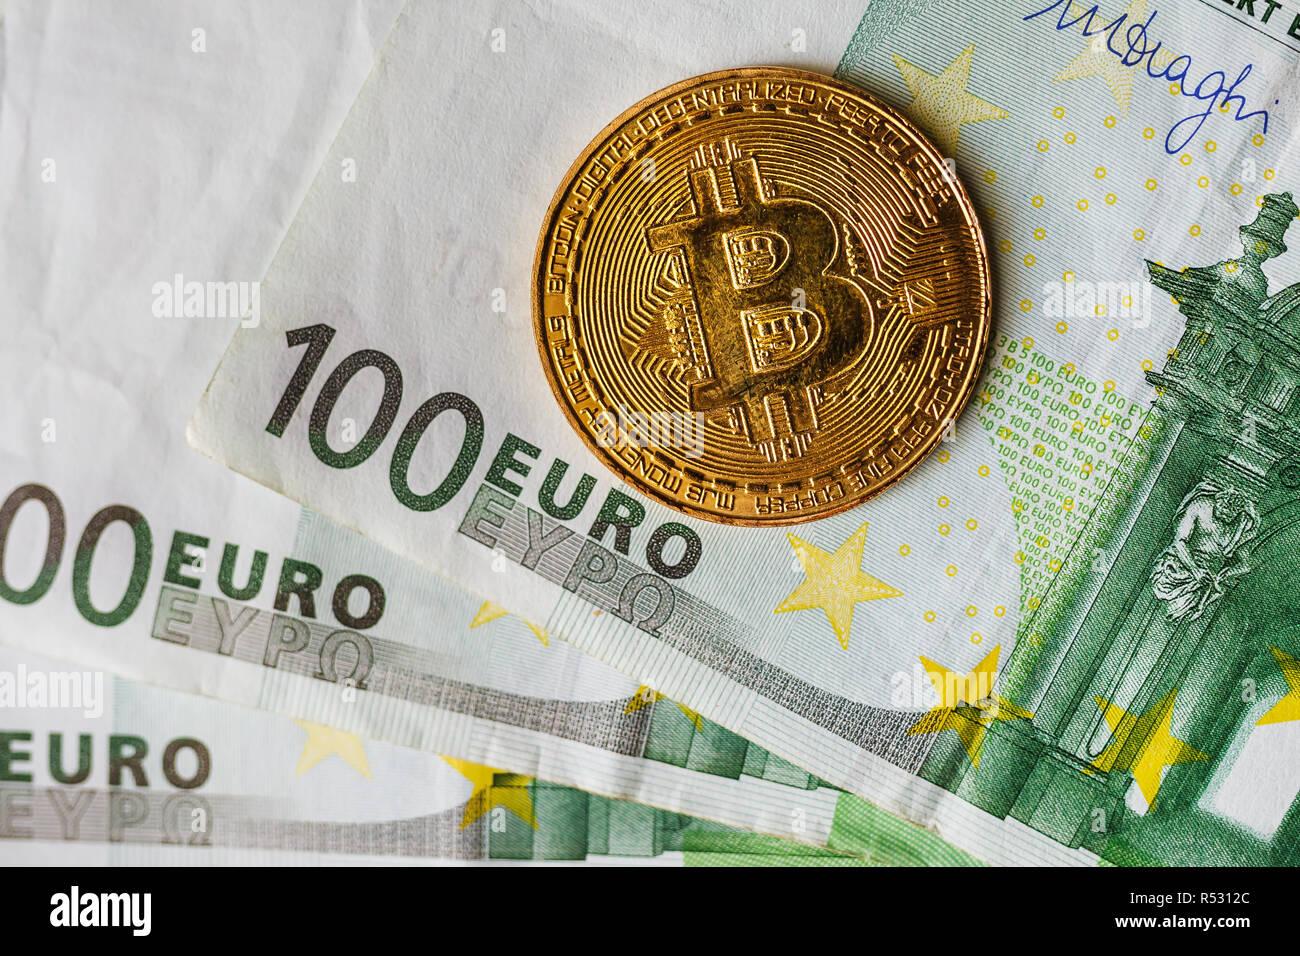 100 euros to bitcoins worth